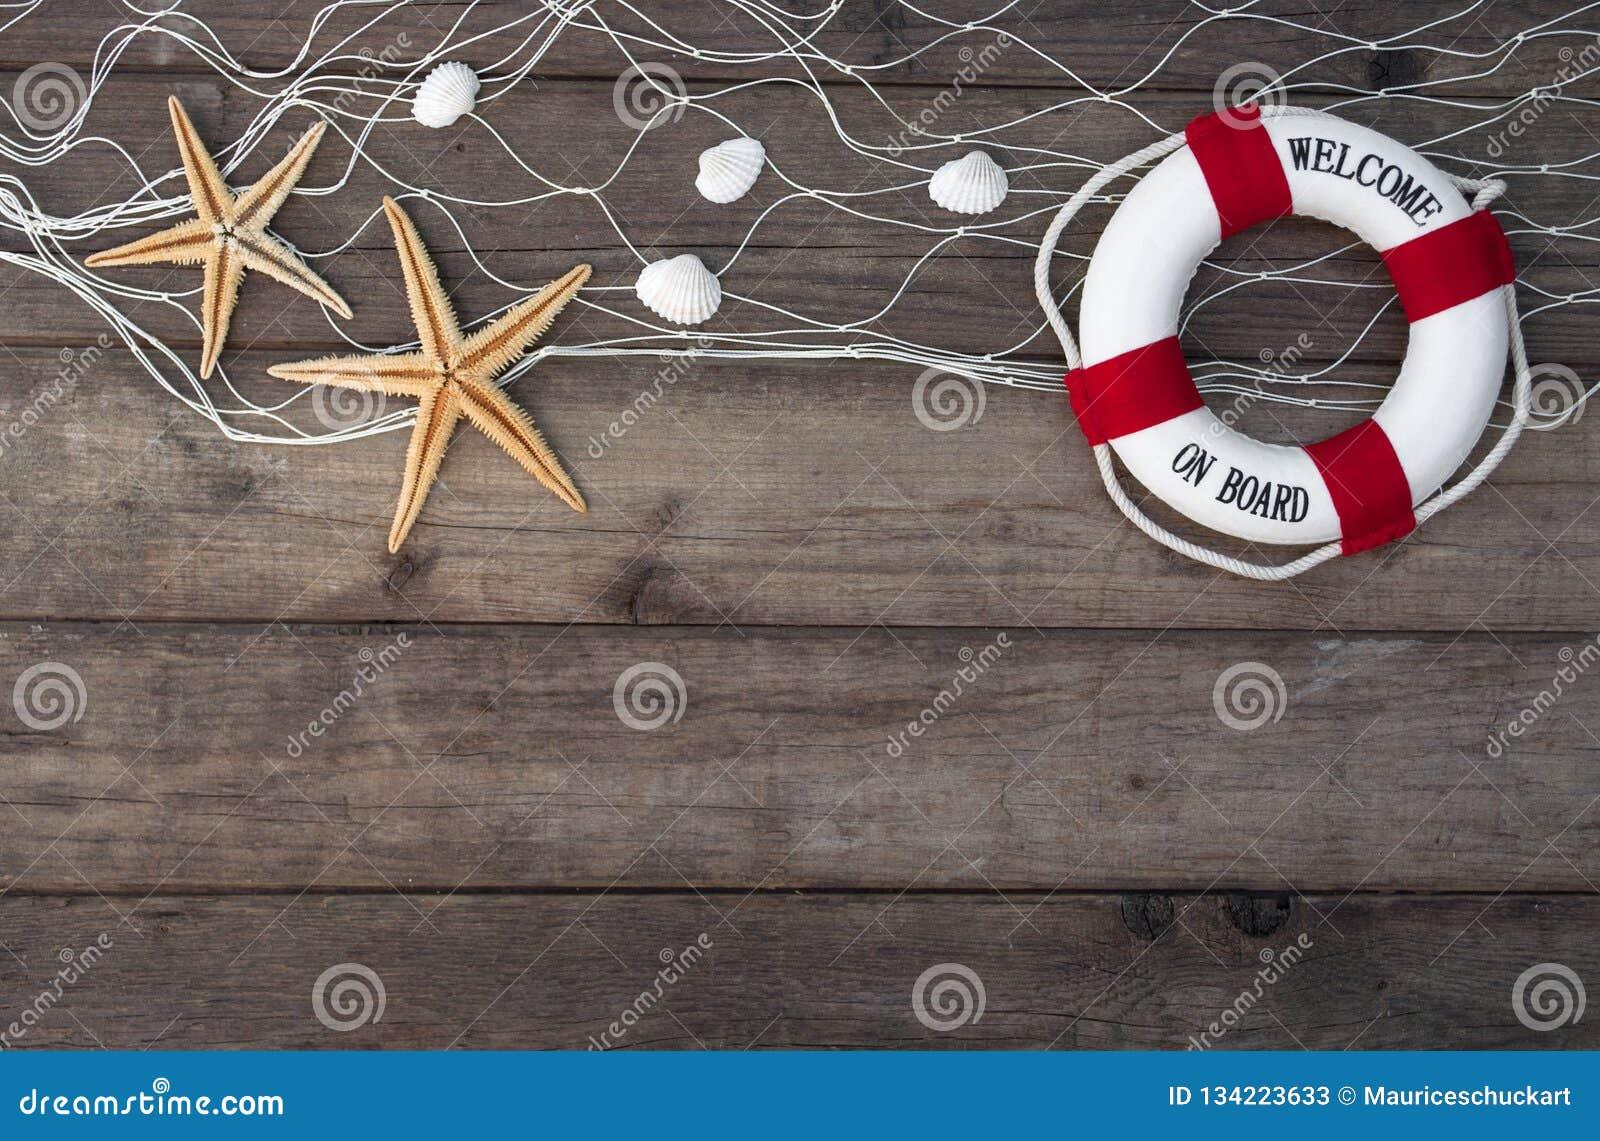 Decoração marítima com escudos, estrela do mar, navio de navigação, rede de pesca na madeira azul da tração